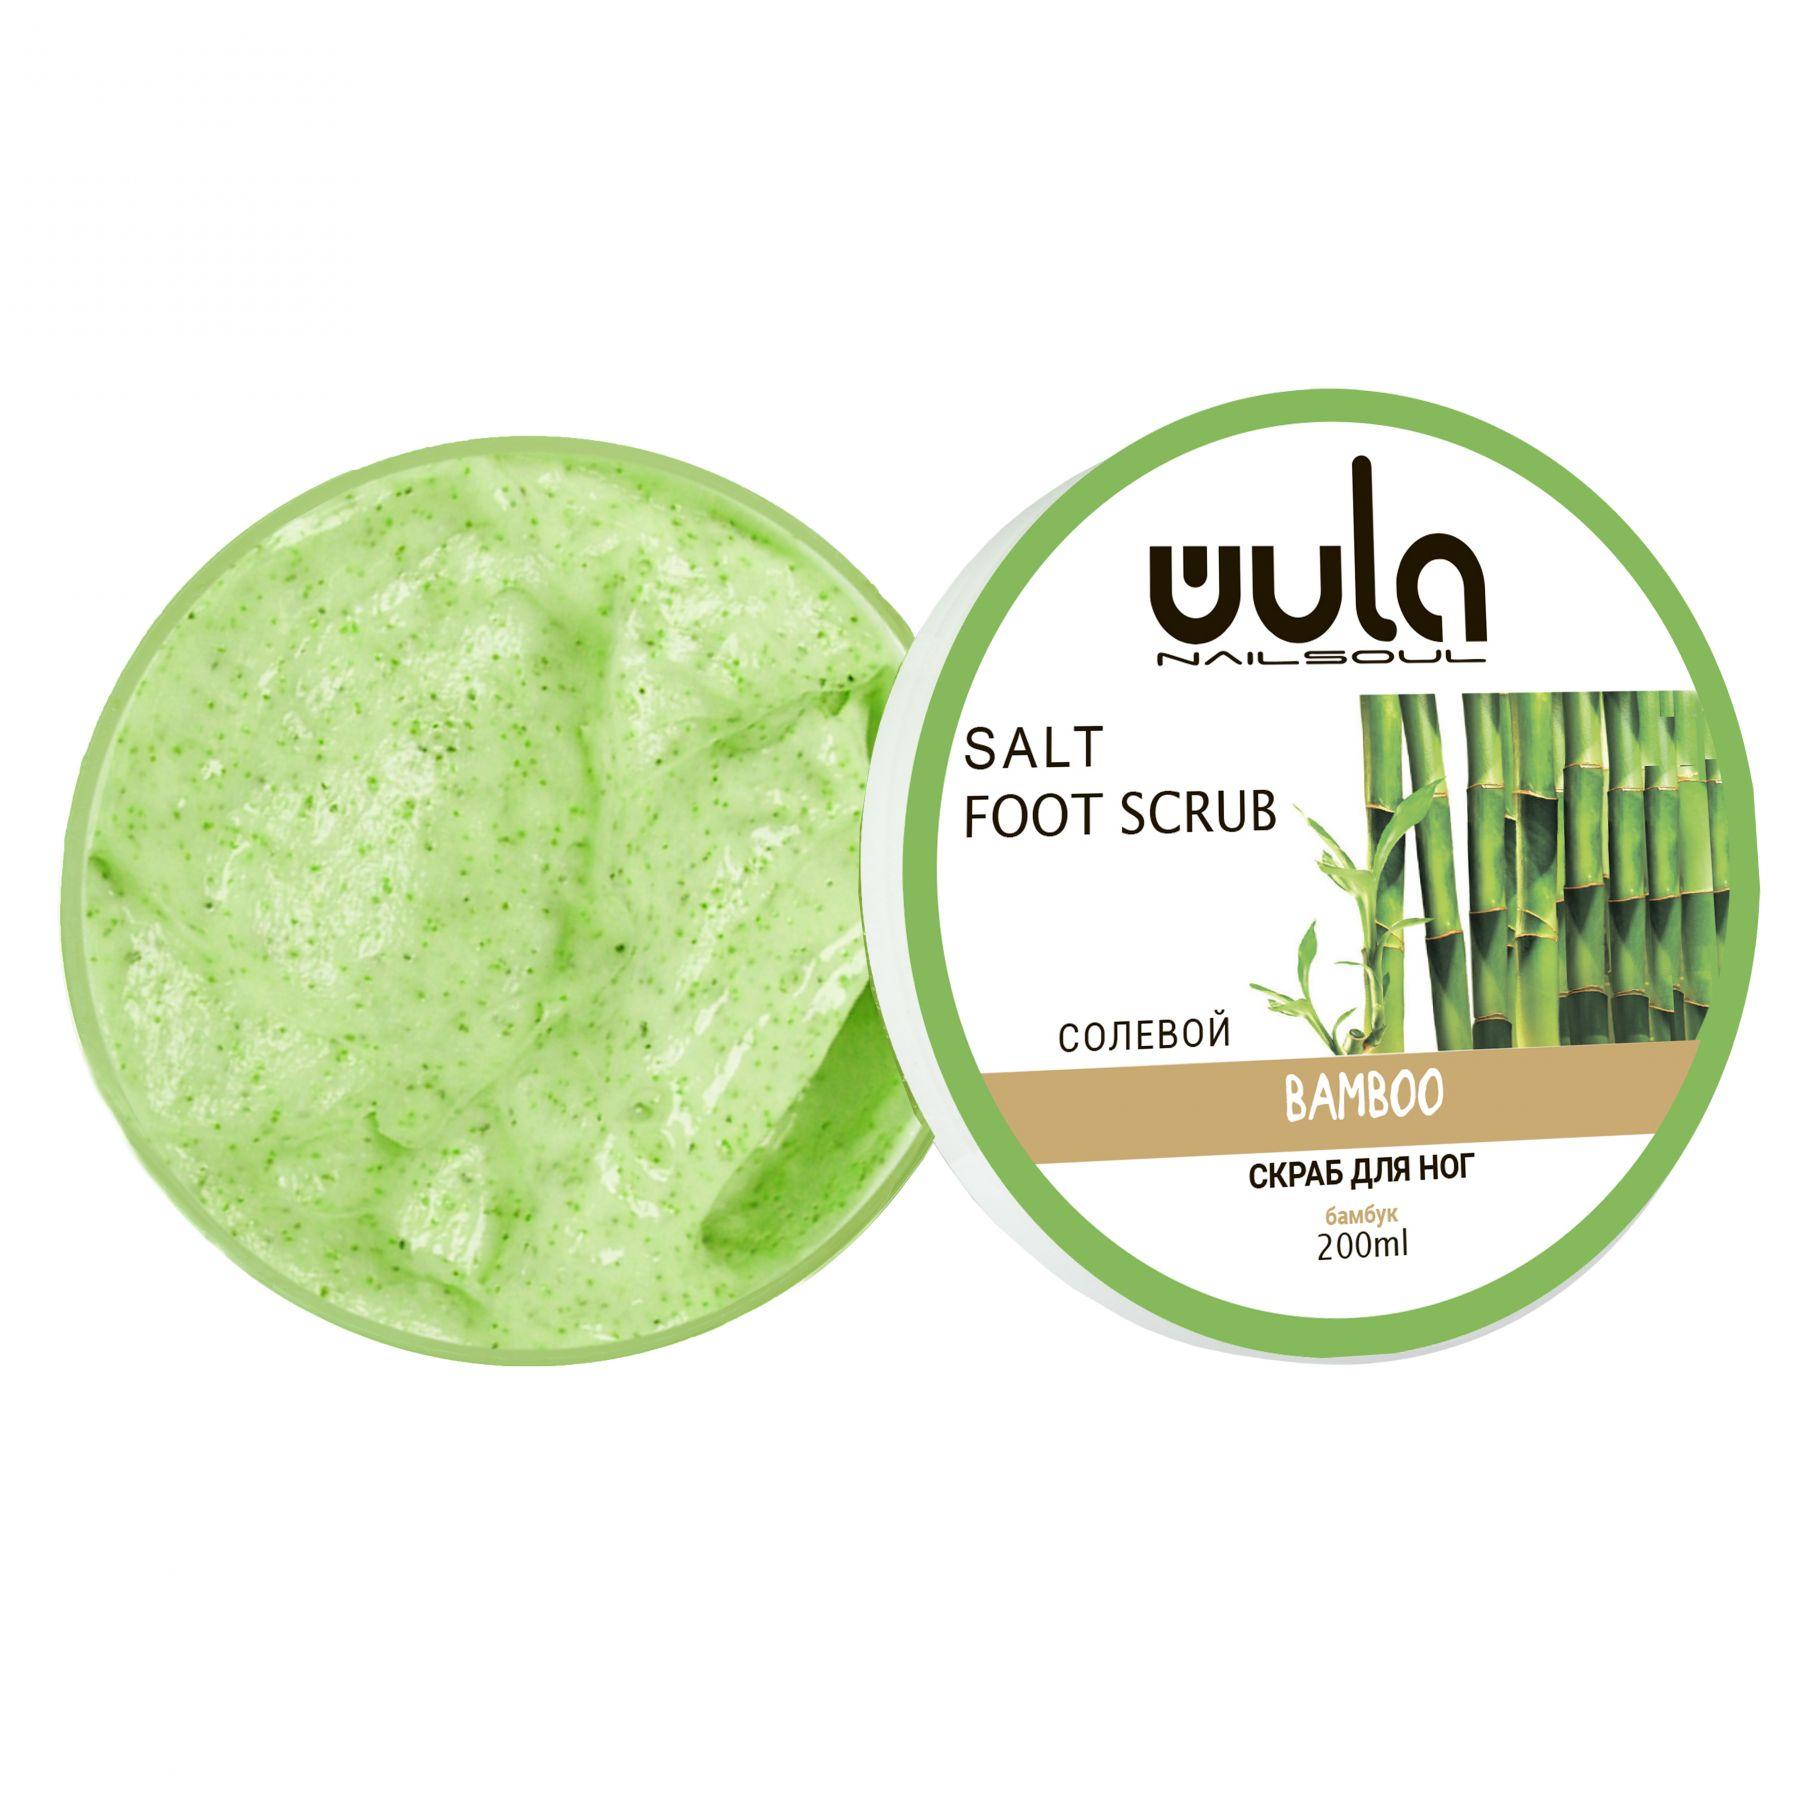 Купить Wula nailsoul солевой скраб для ног Зеленый бамбук 200 мл